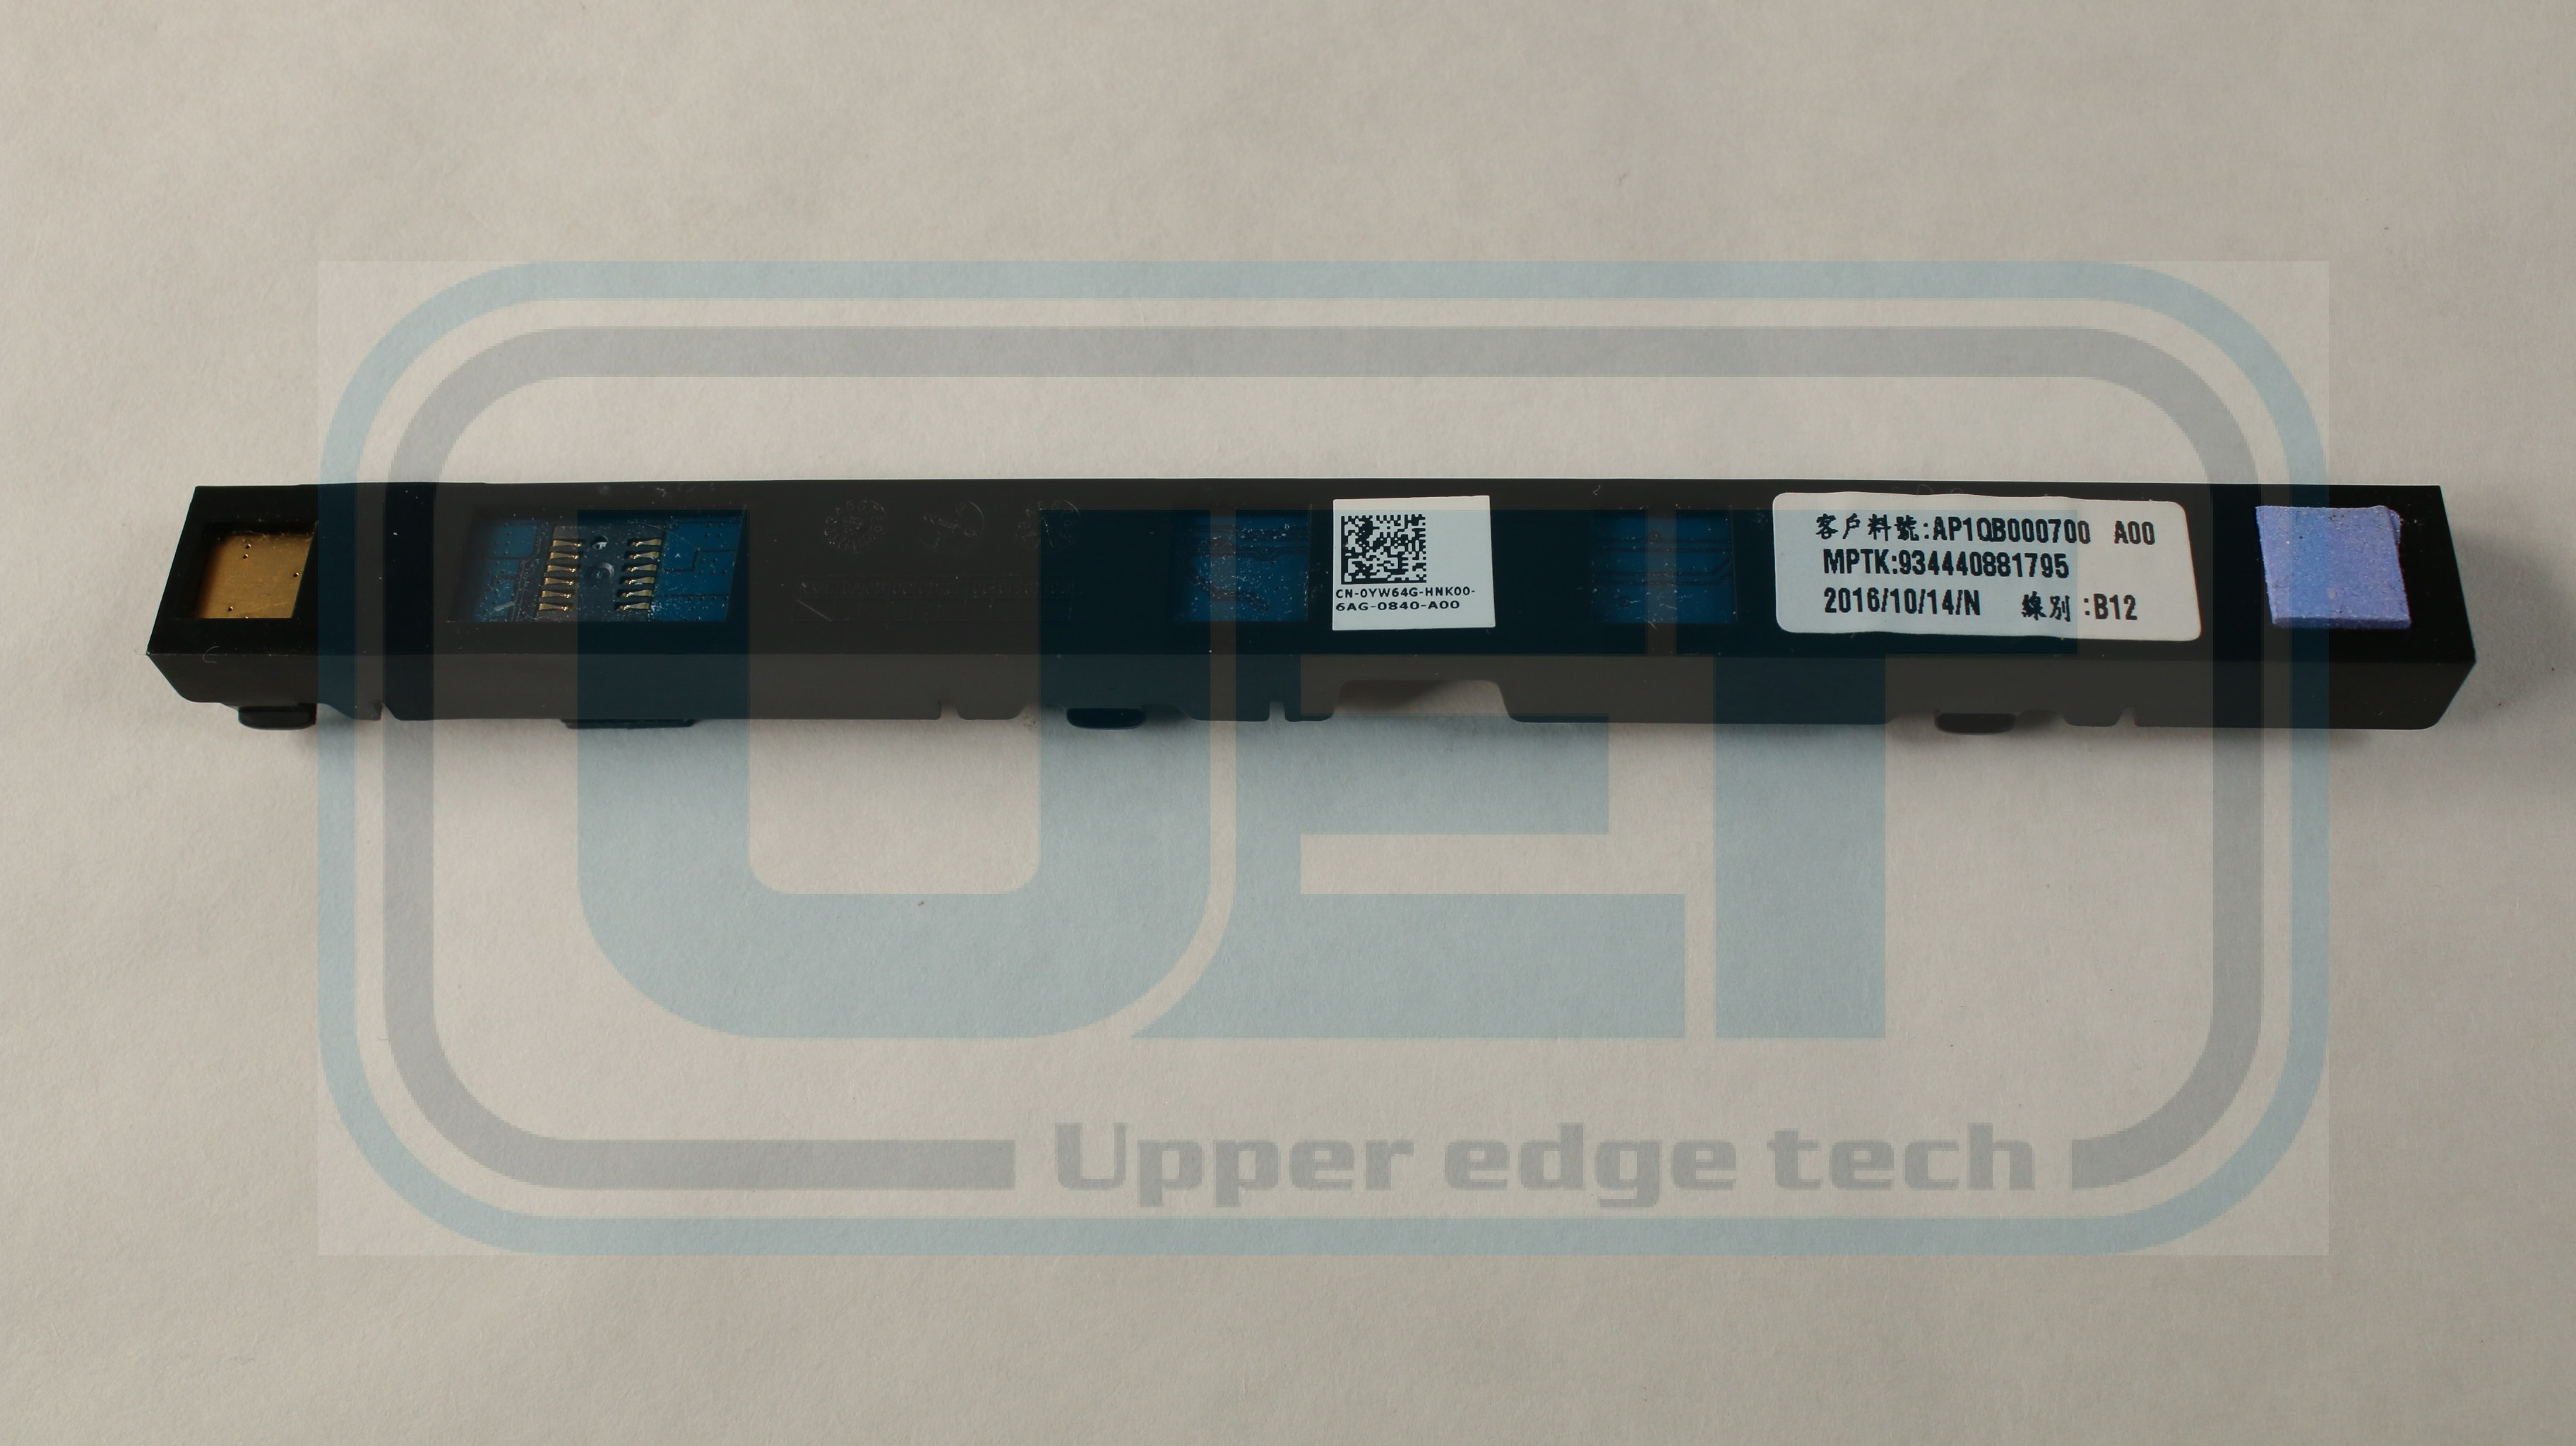 Dell Alienware 17 R4 YW64G Tobii Eye Tracker Module Board